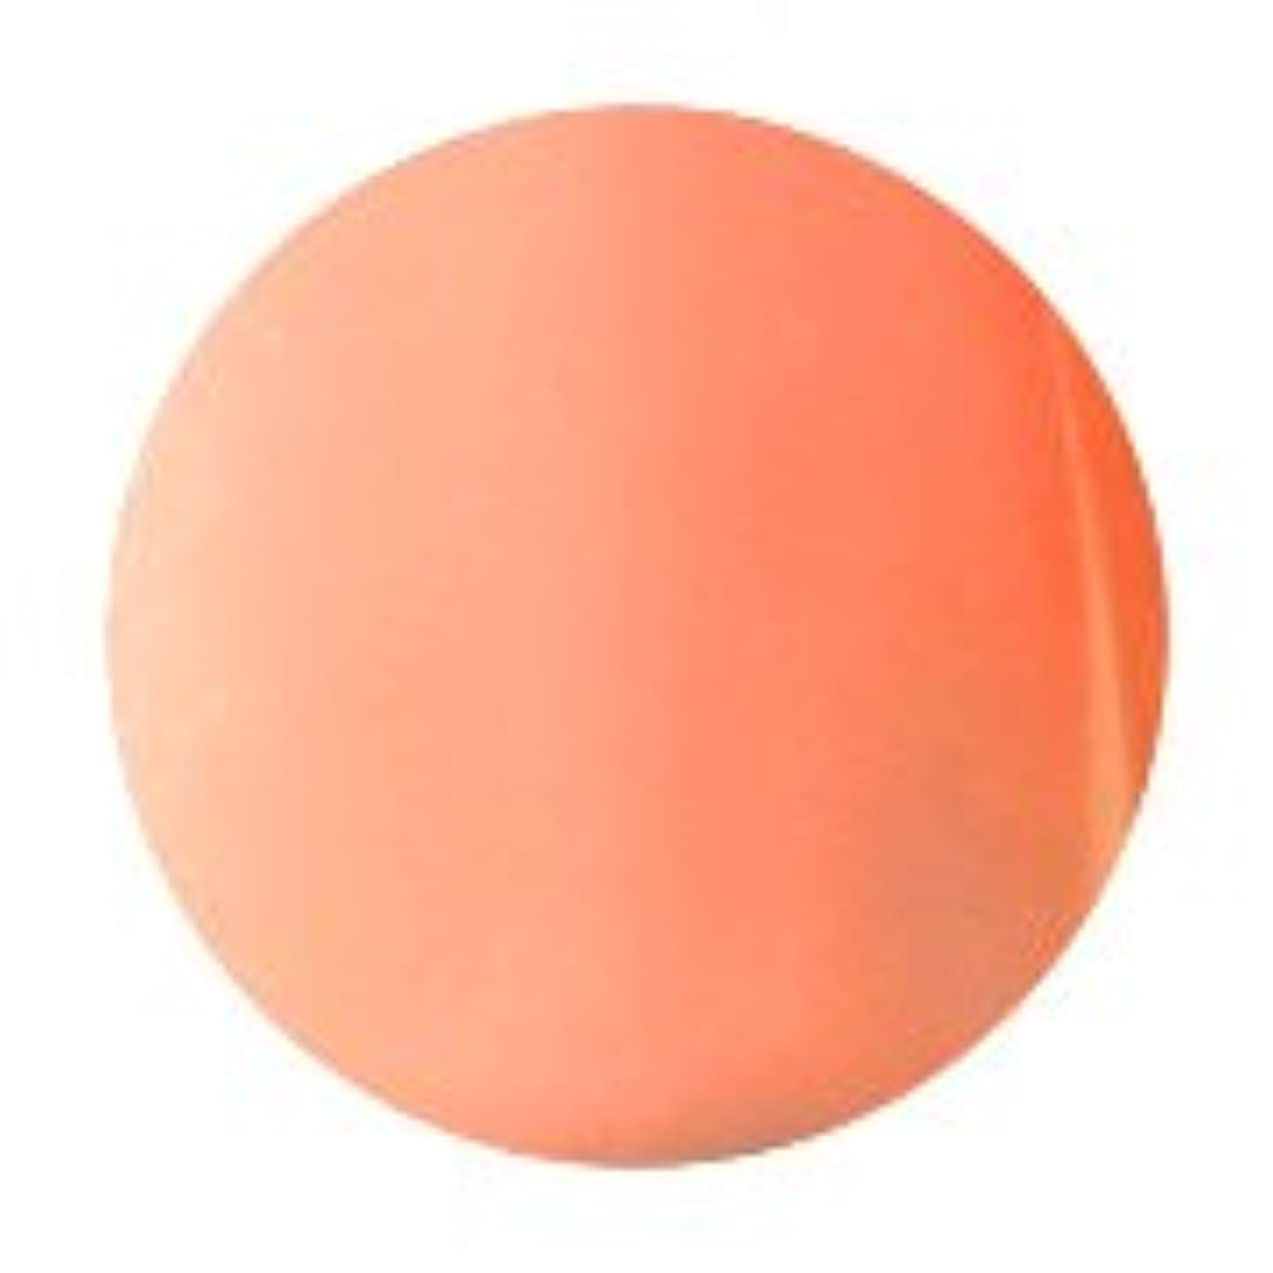 相互ゆり酸っぱい★Putiel(プティール) カラージェル ラヴィング 3g L6 ブラッドオレンジ